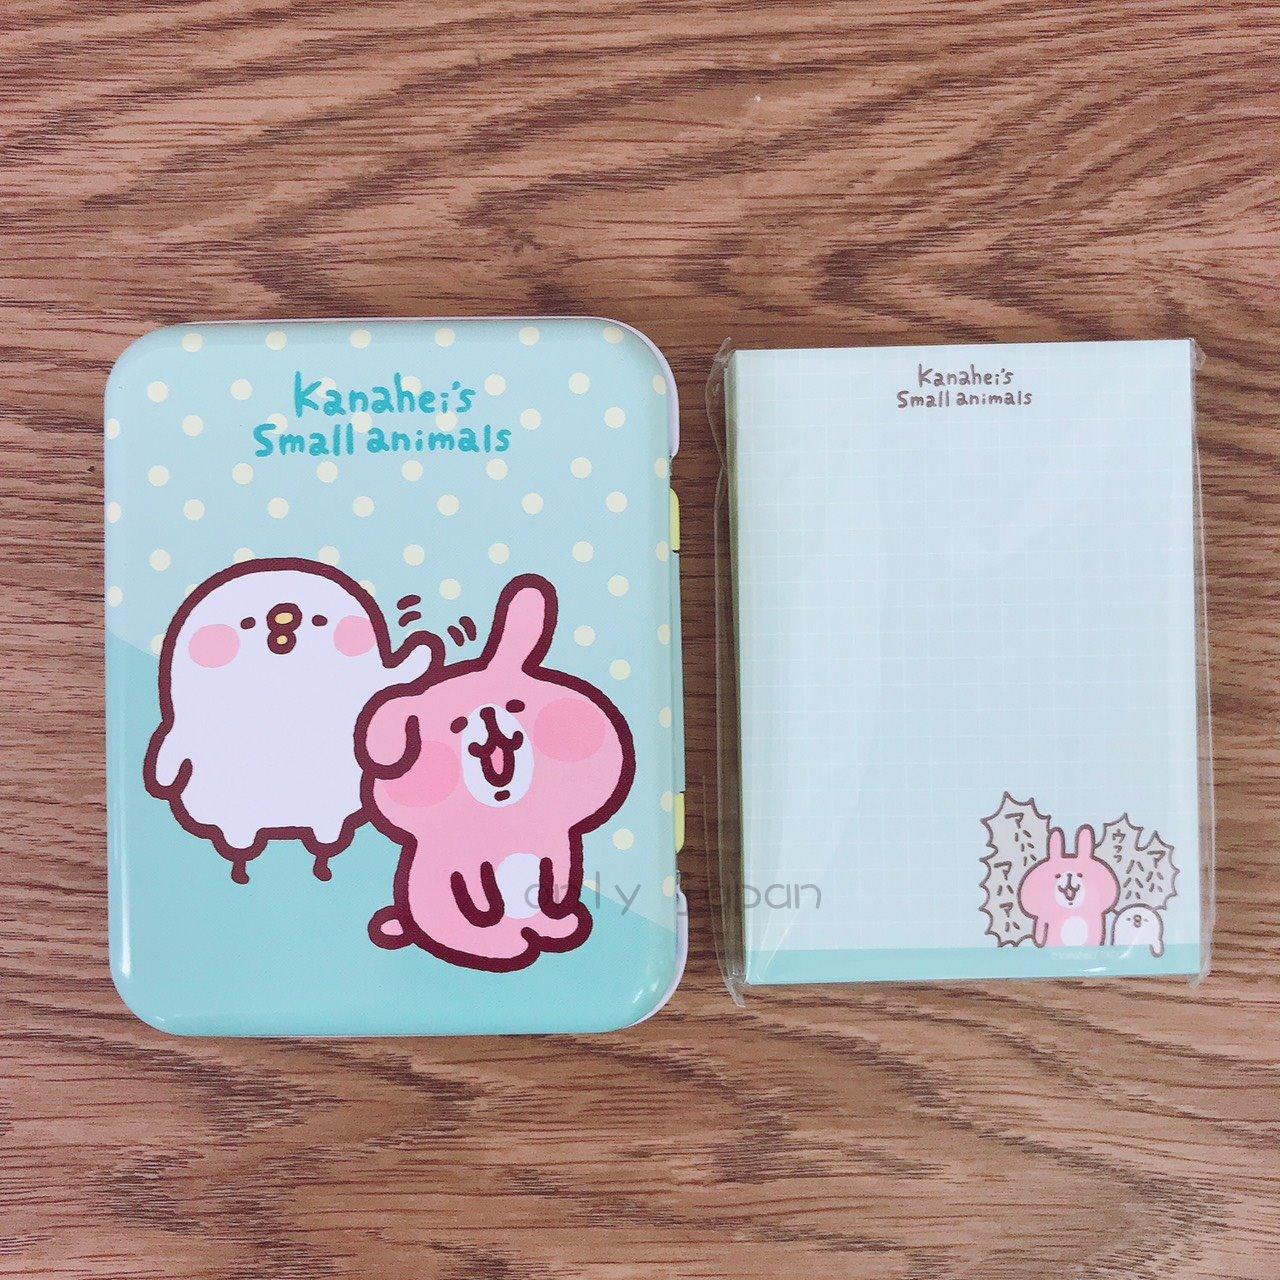 【真愛日本】18030600011 鐵盒便條紙-兔兔摸頭綠 卡娜赫拉的小動物們 兔兔P助小雞 日用品 便條紙 小物收納 紙製品 文具